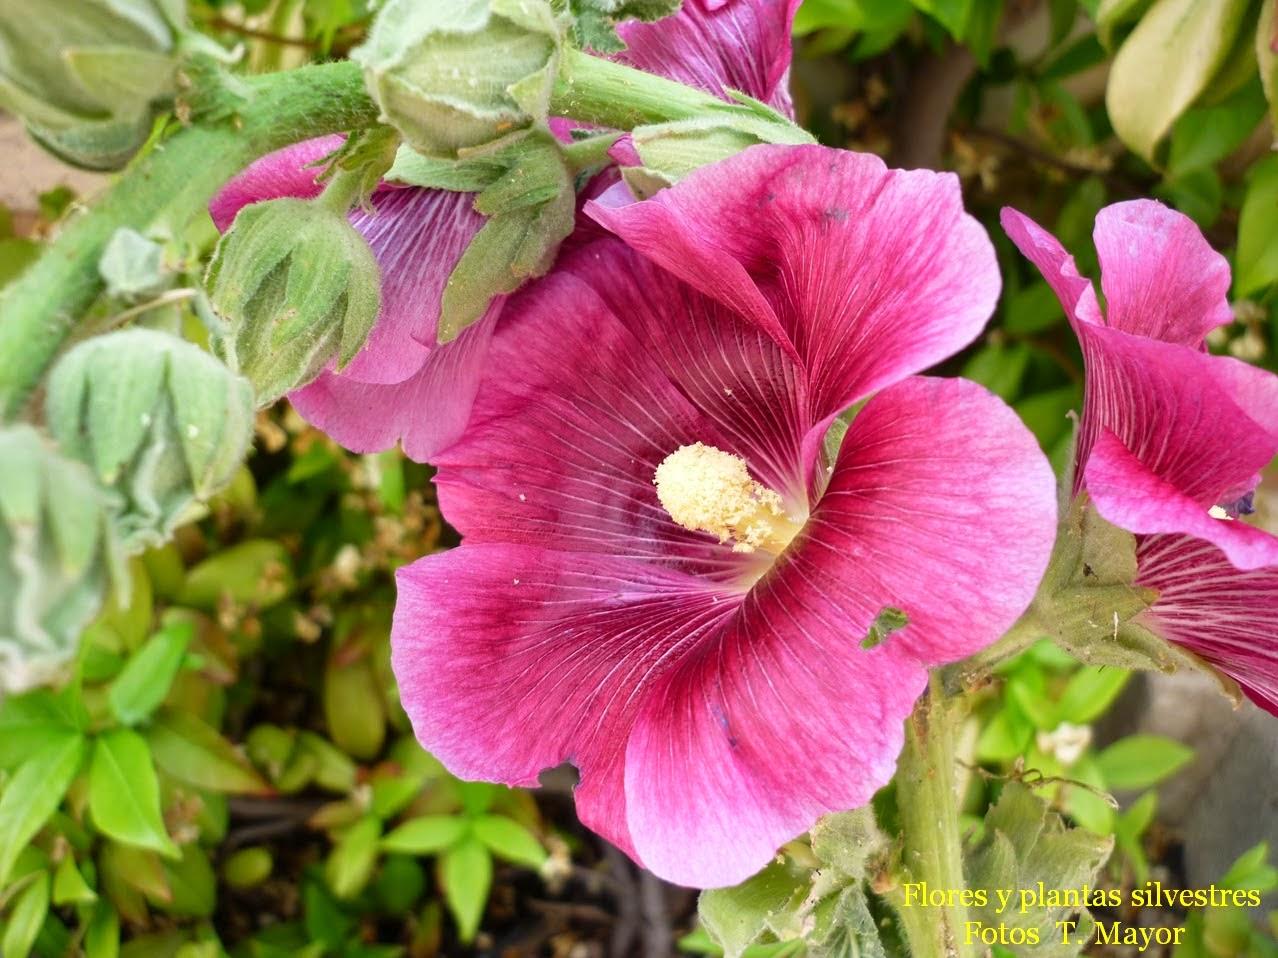 Flores y plantas silvestres althaea rosea malva real for Malvarrosa planta